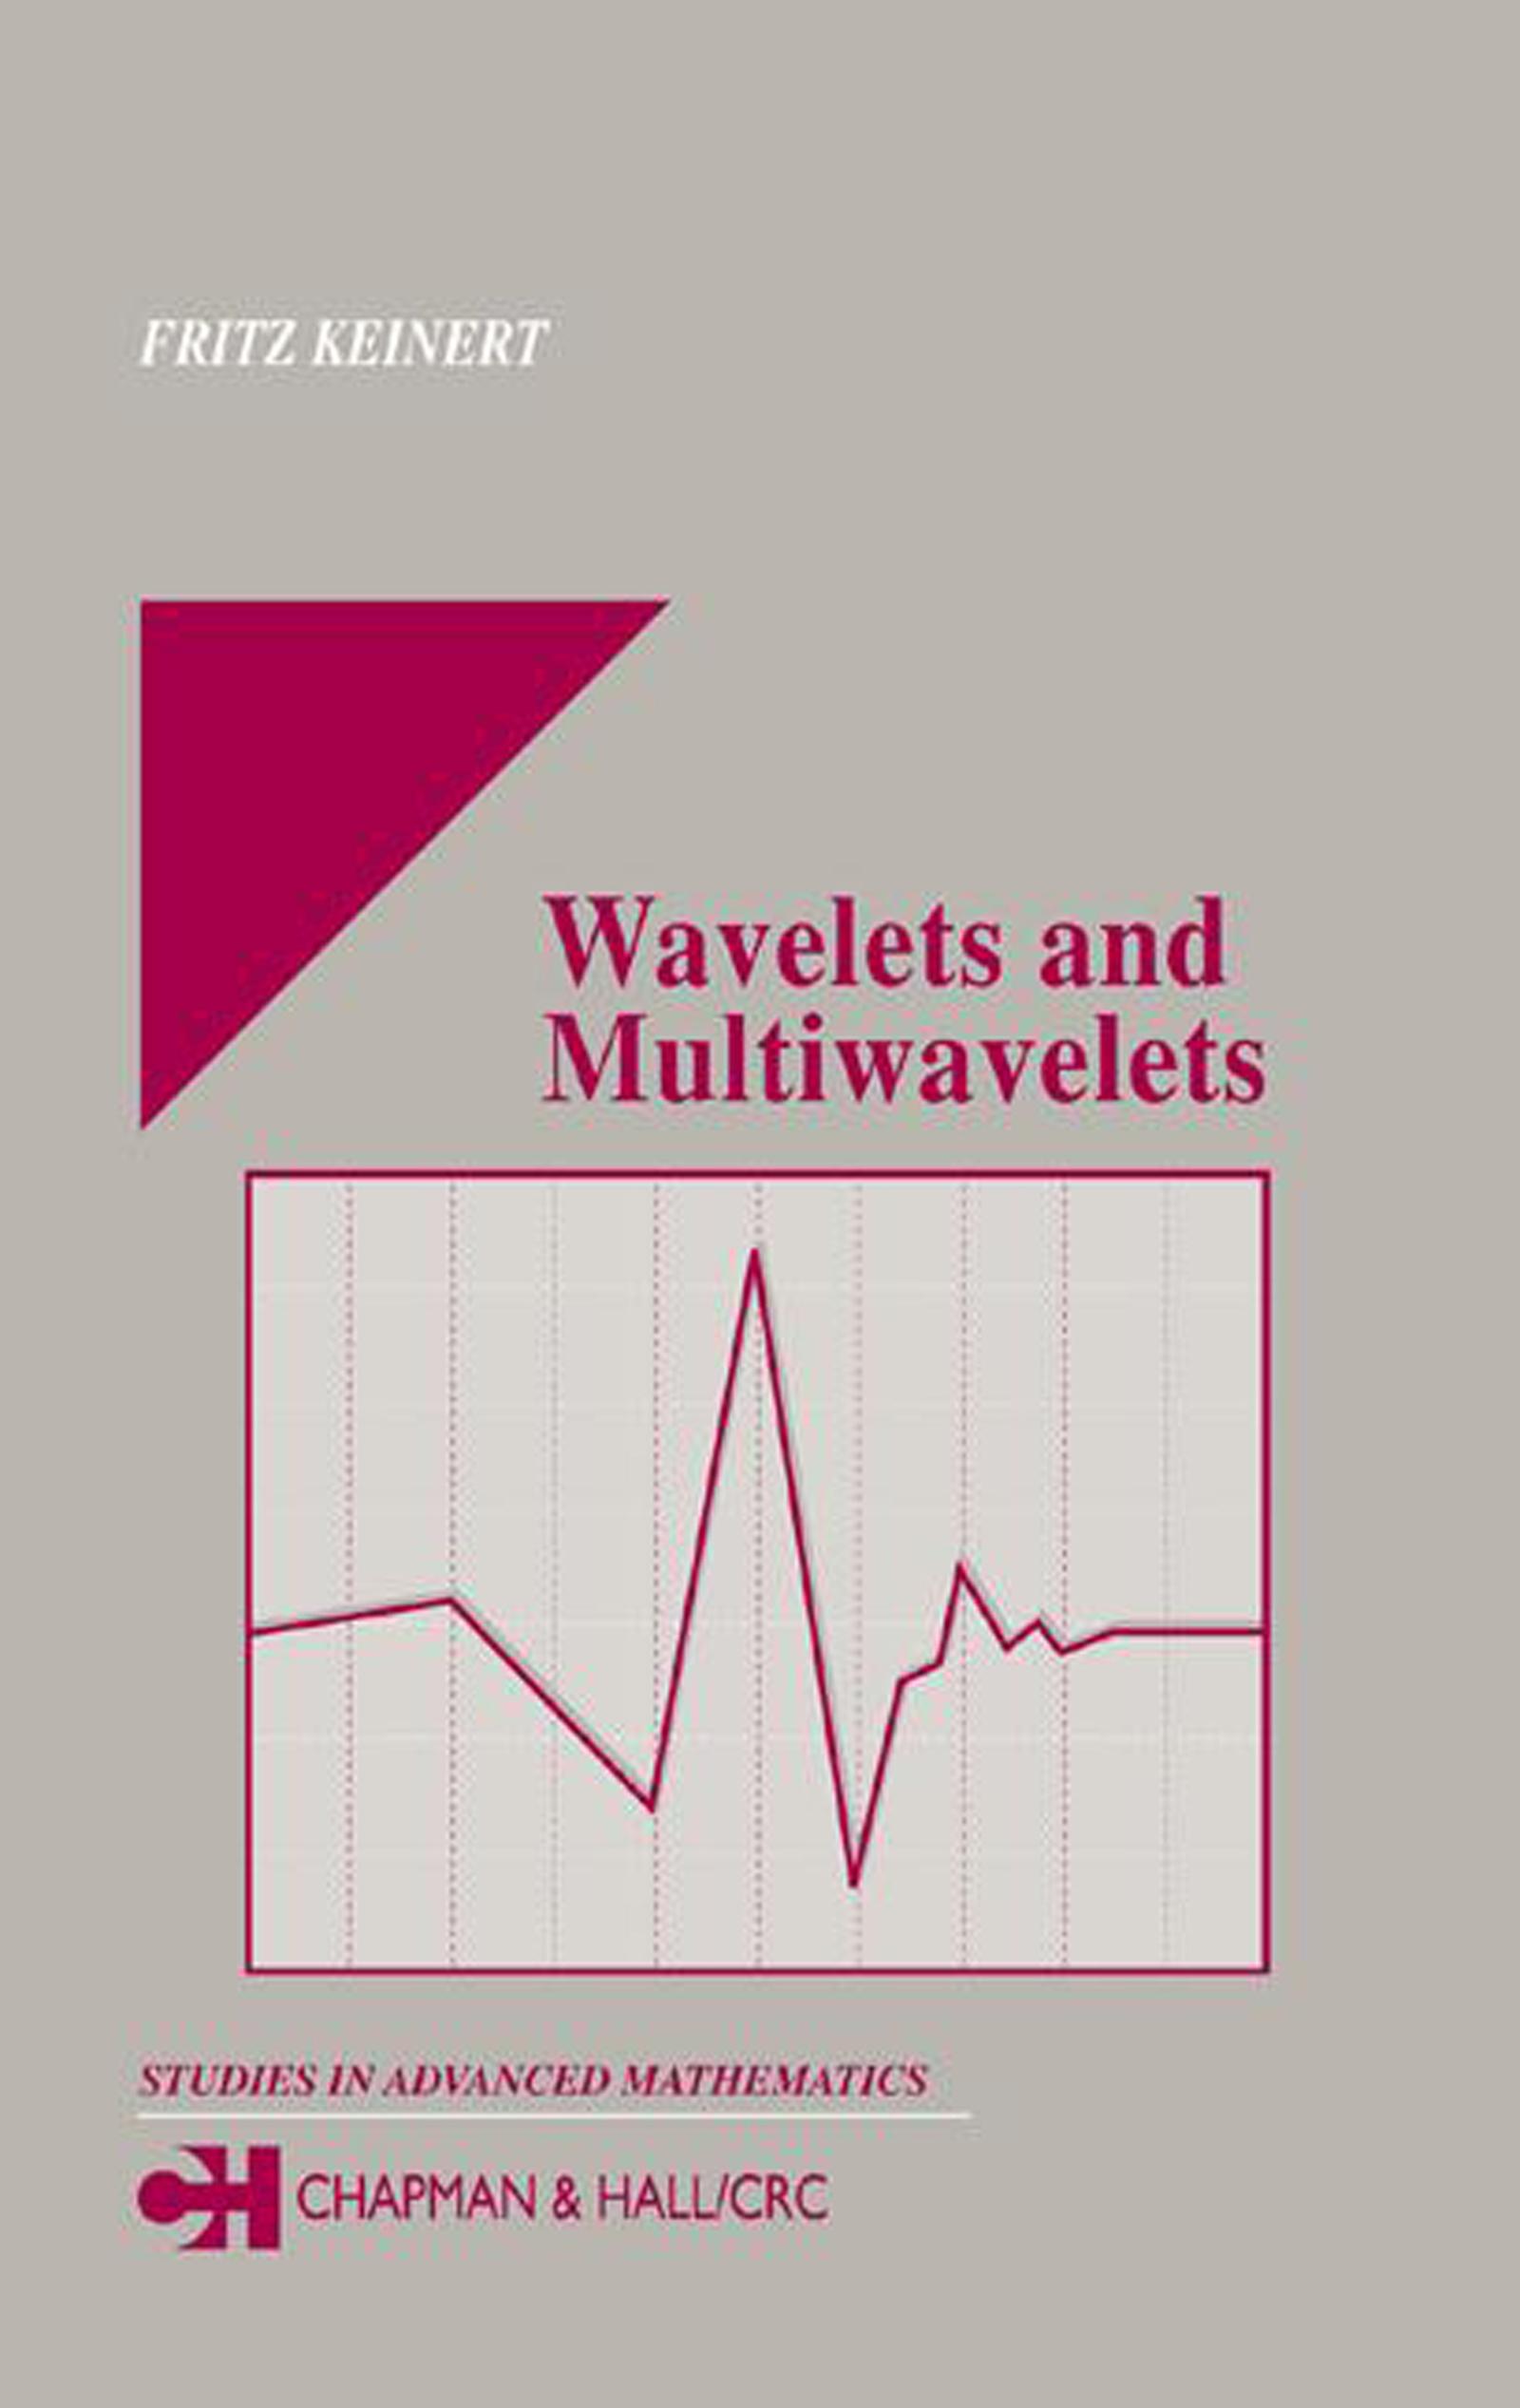 Wavelets and Multiwavelets